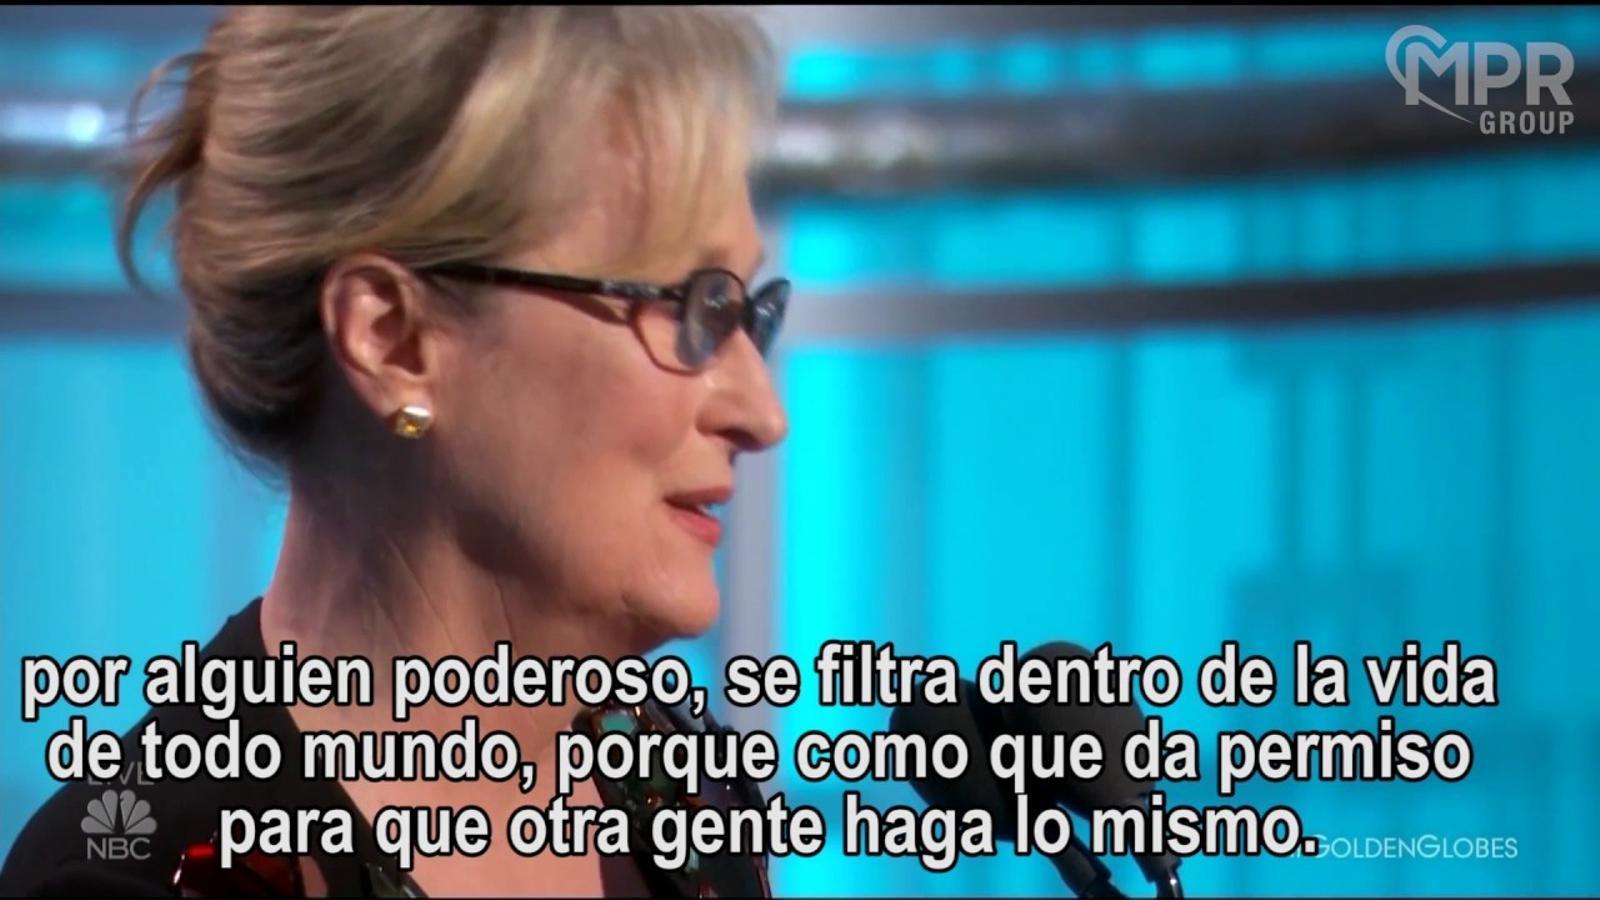 Meryl Streep posa en evidència les misèries de Donald Trump en el seu discurs als Globus d'Or